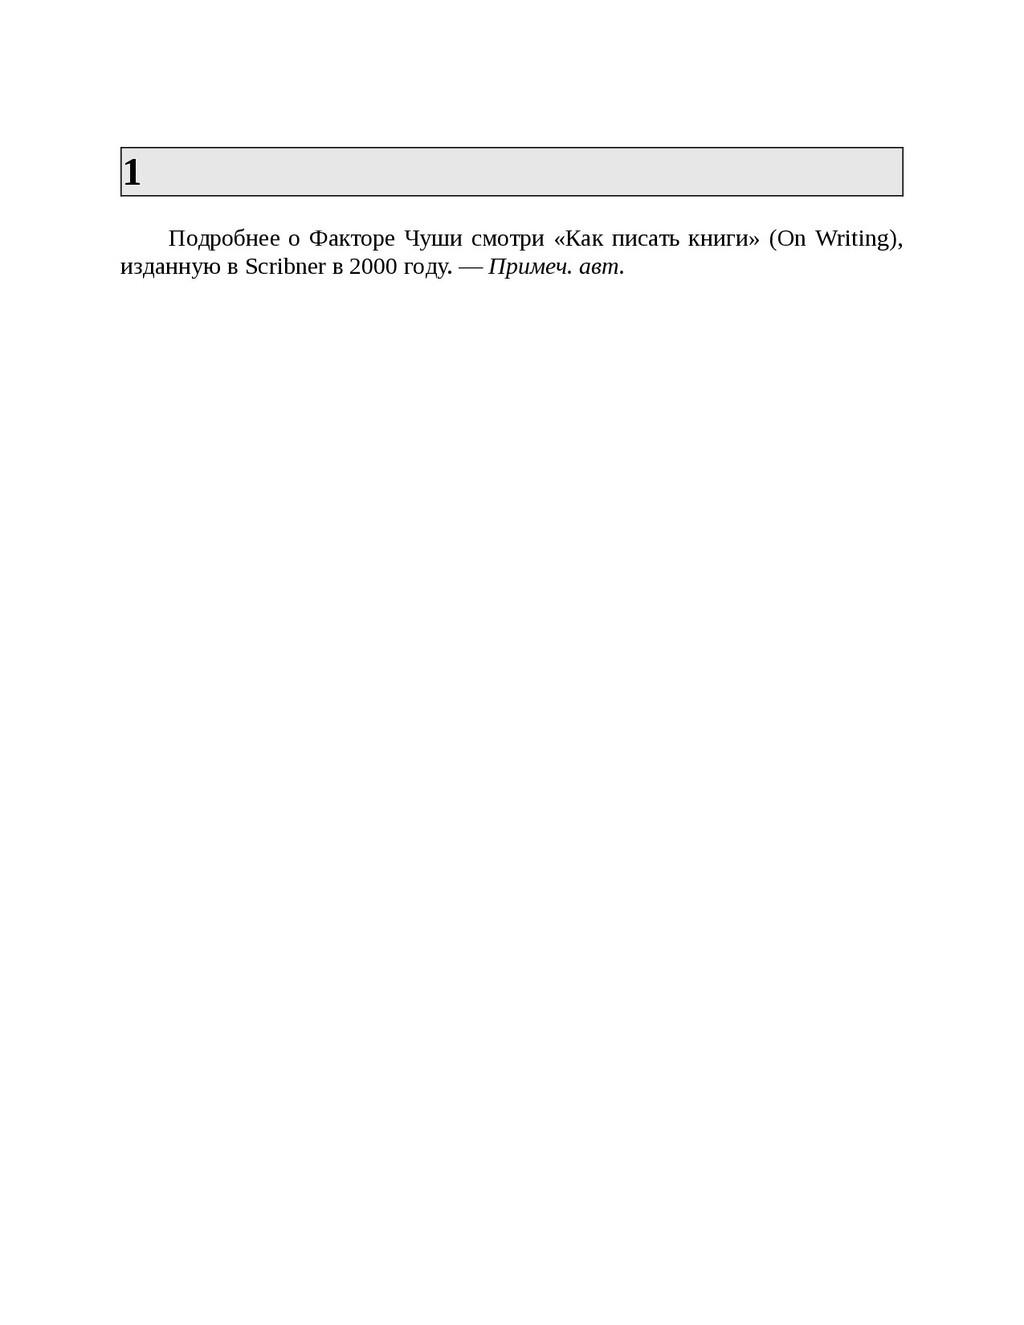 1 Подробнее о Факторе Чуши смотри «Как писать к...